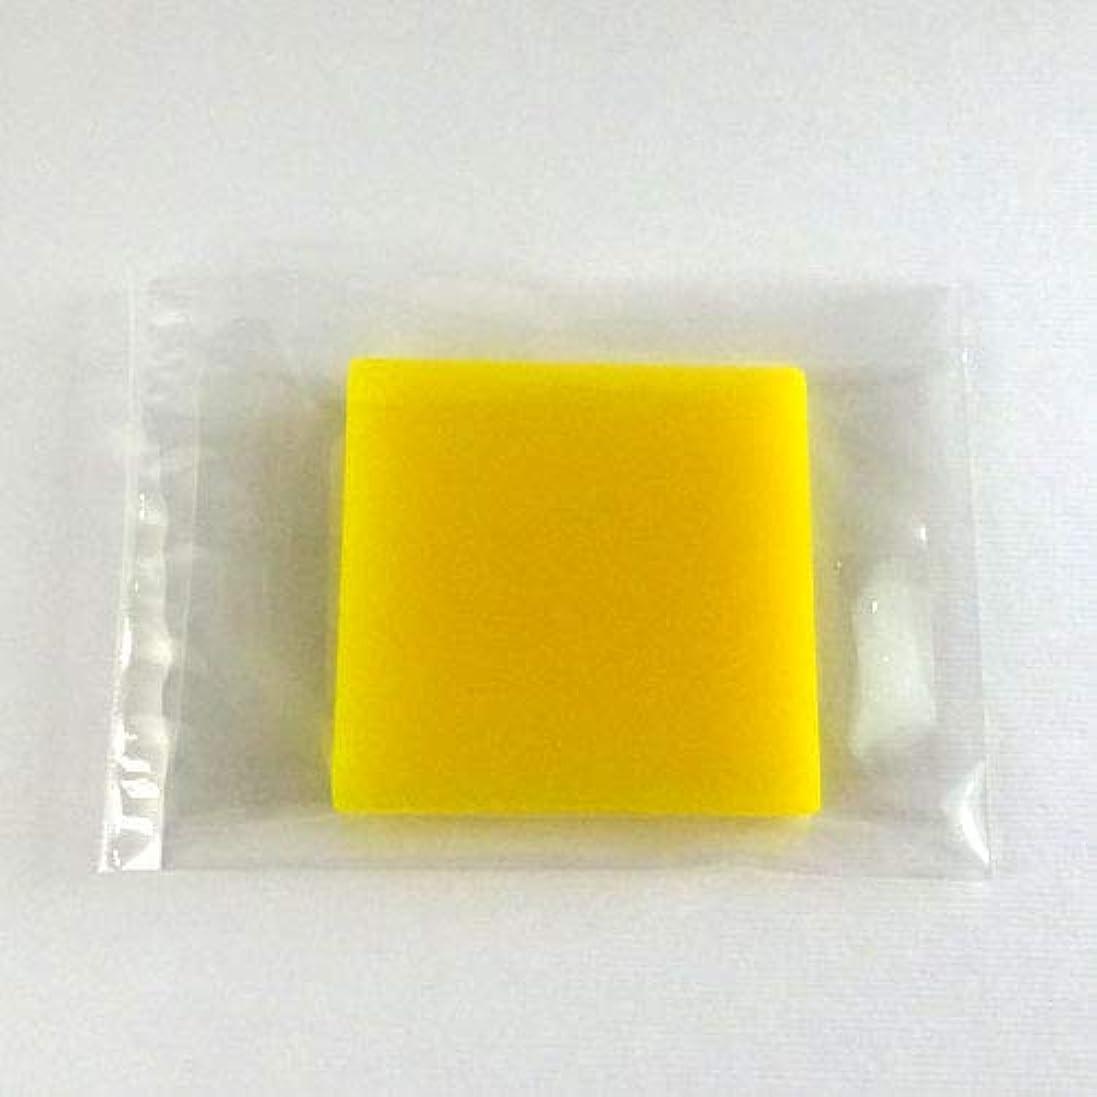 ベジタリアン欠乏鉄道グリセリンソープ MPソープ 色チップ 黄(イエロー) 30g